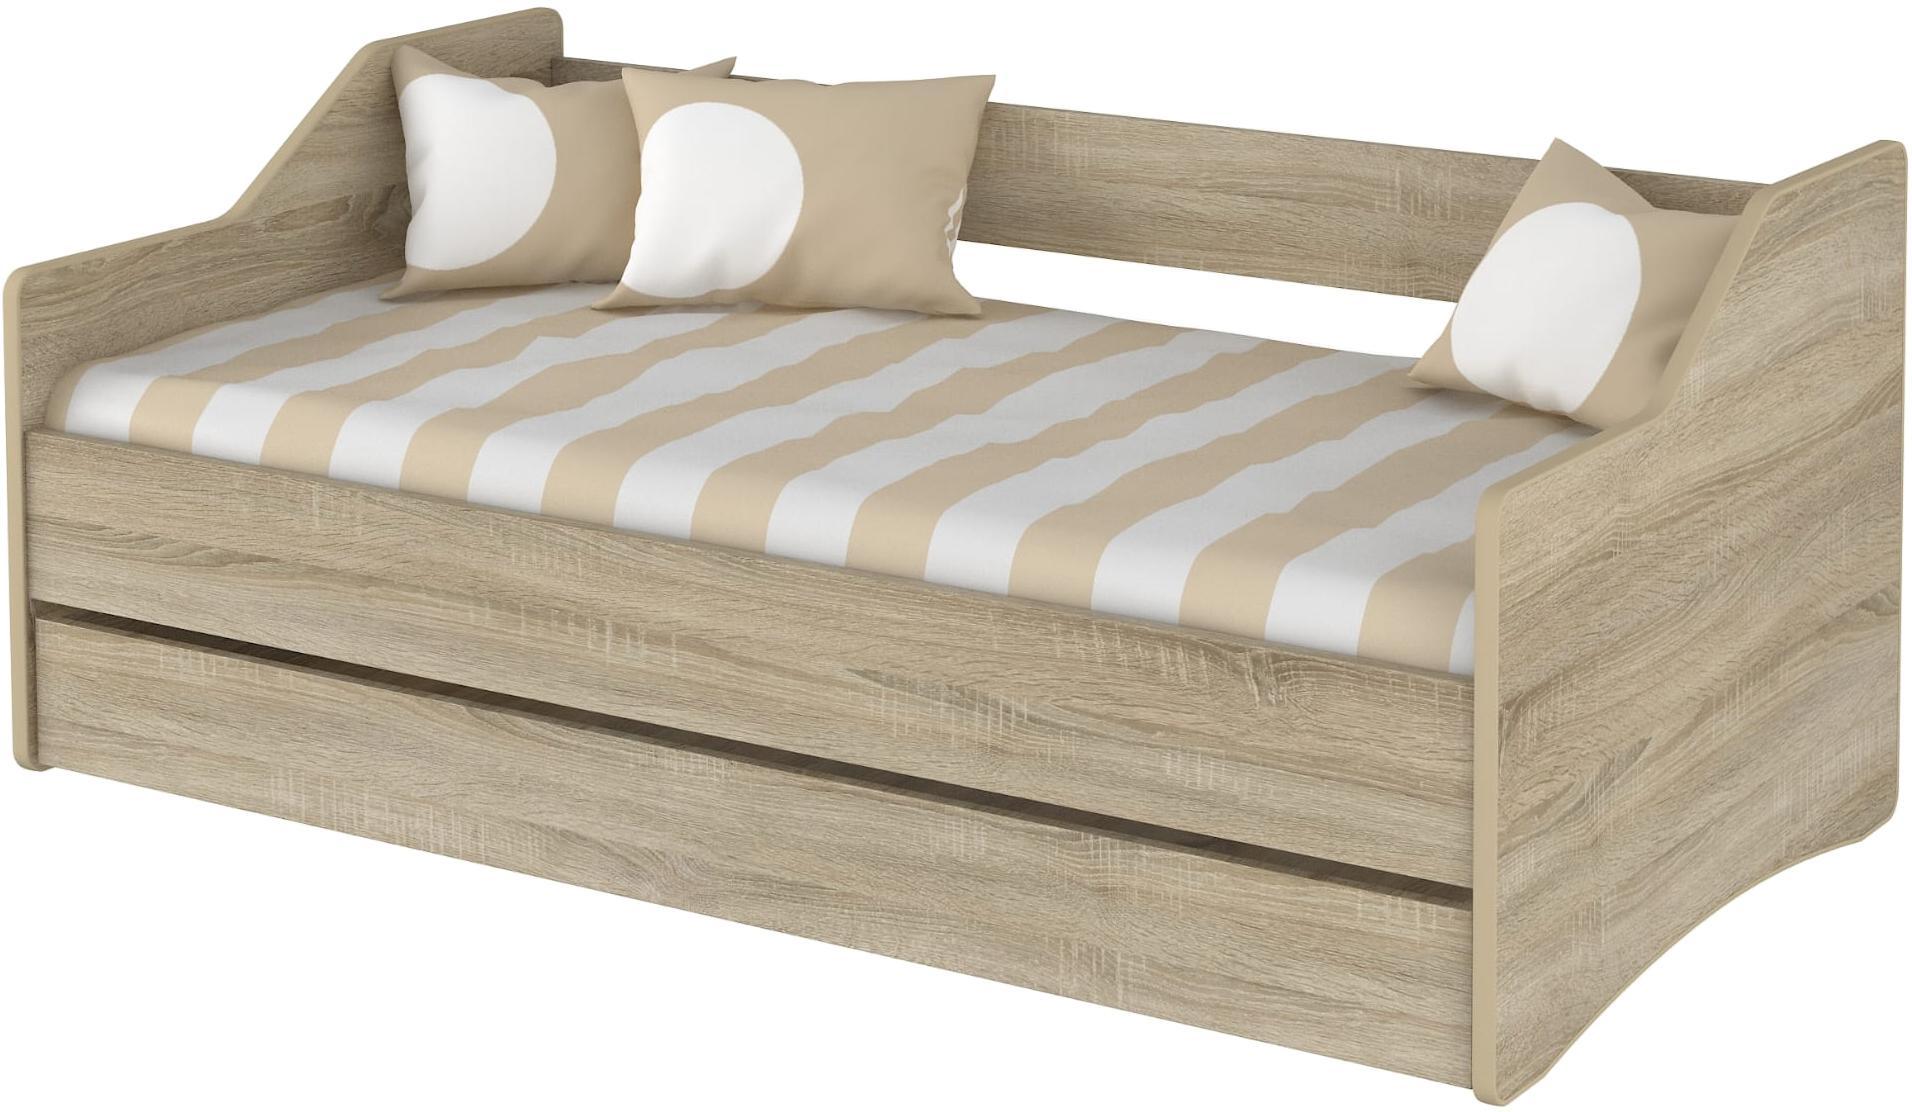 DO Detská posteľ Lulu 180x80 - dub sonoma